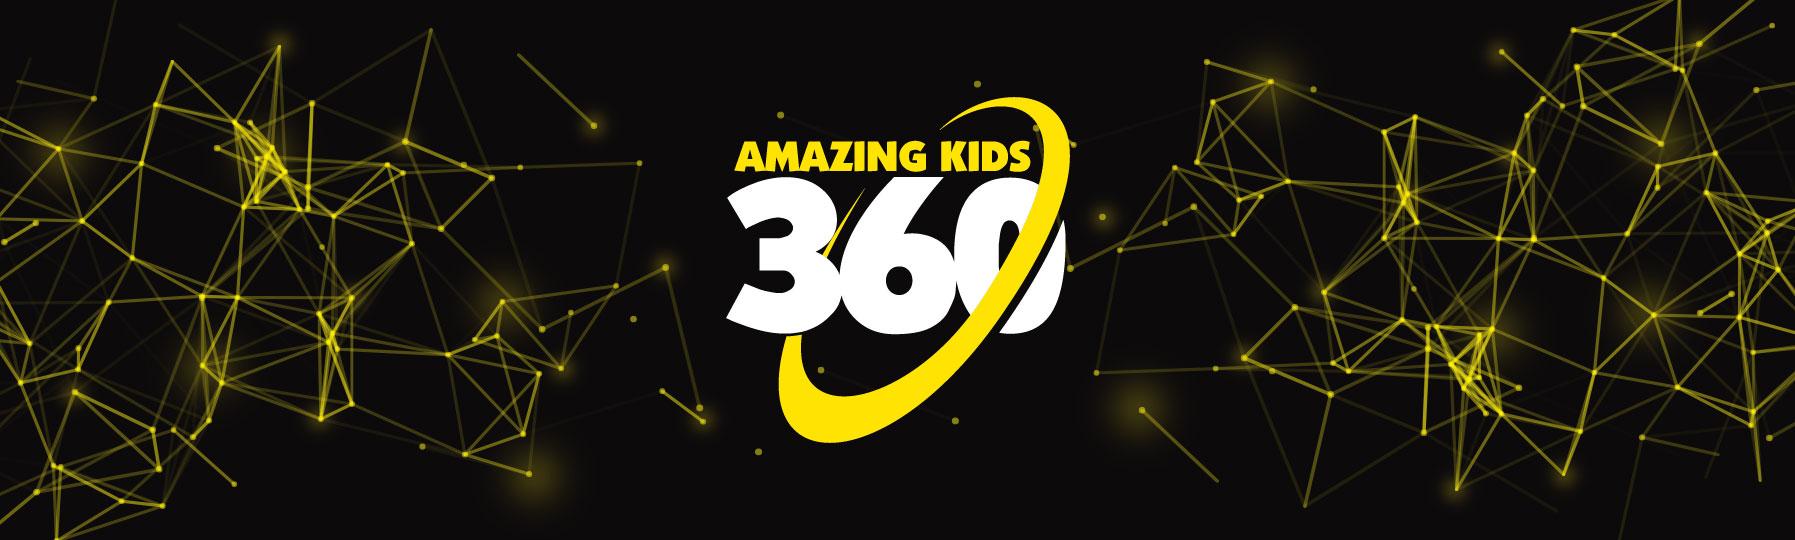 kids360-0420